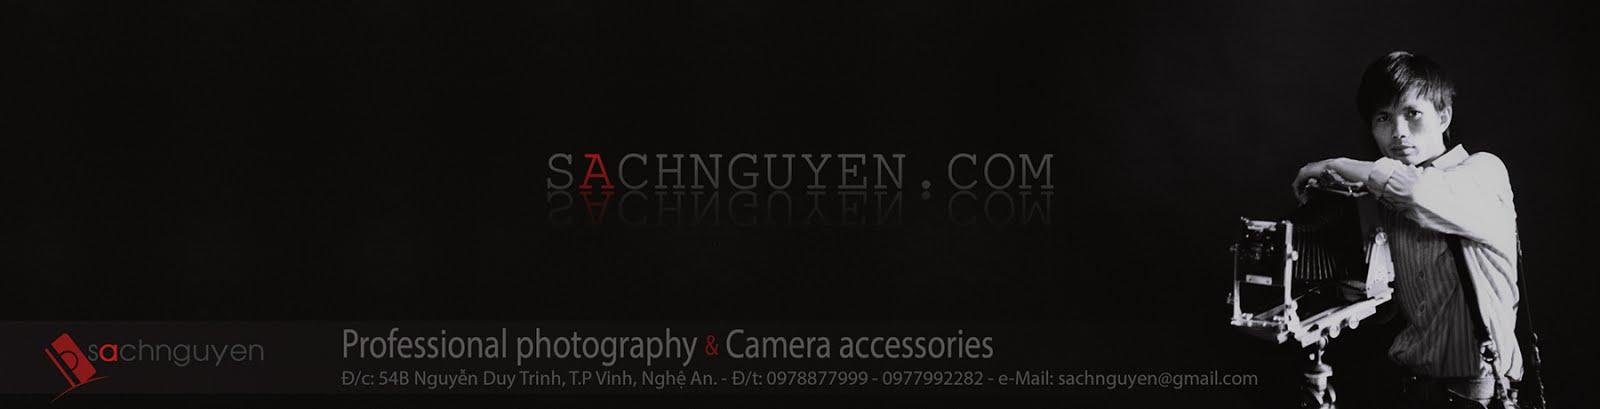 Sách Nguyễn Camera